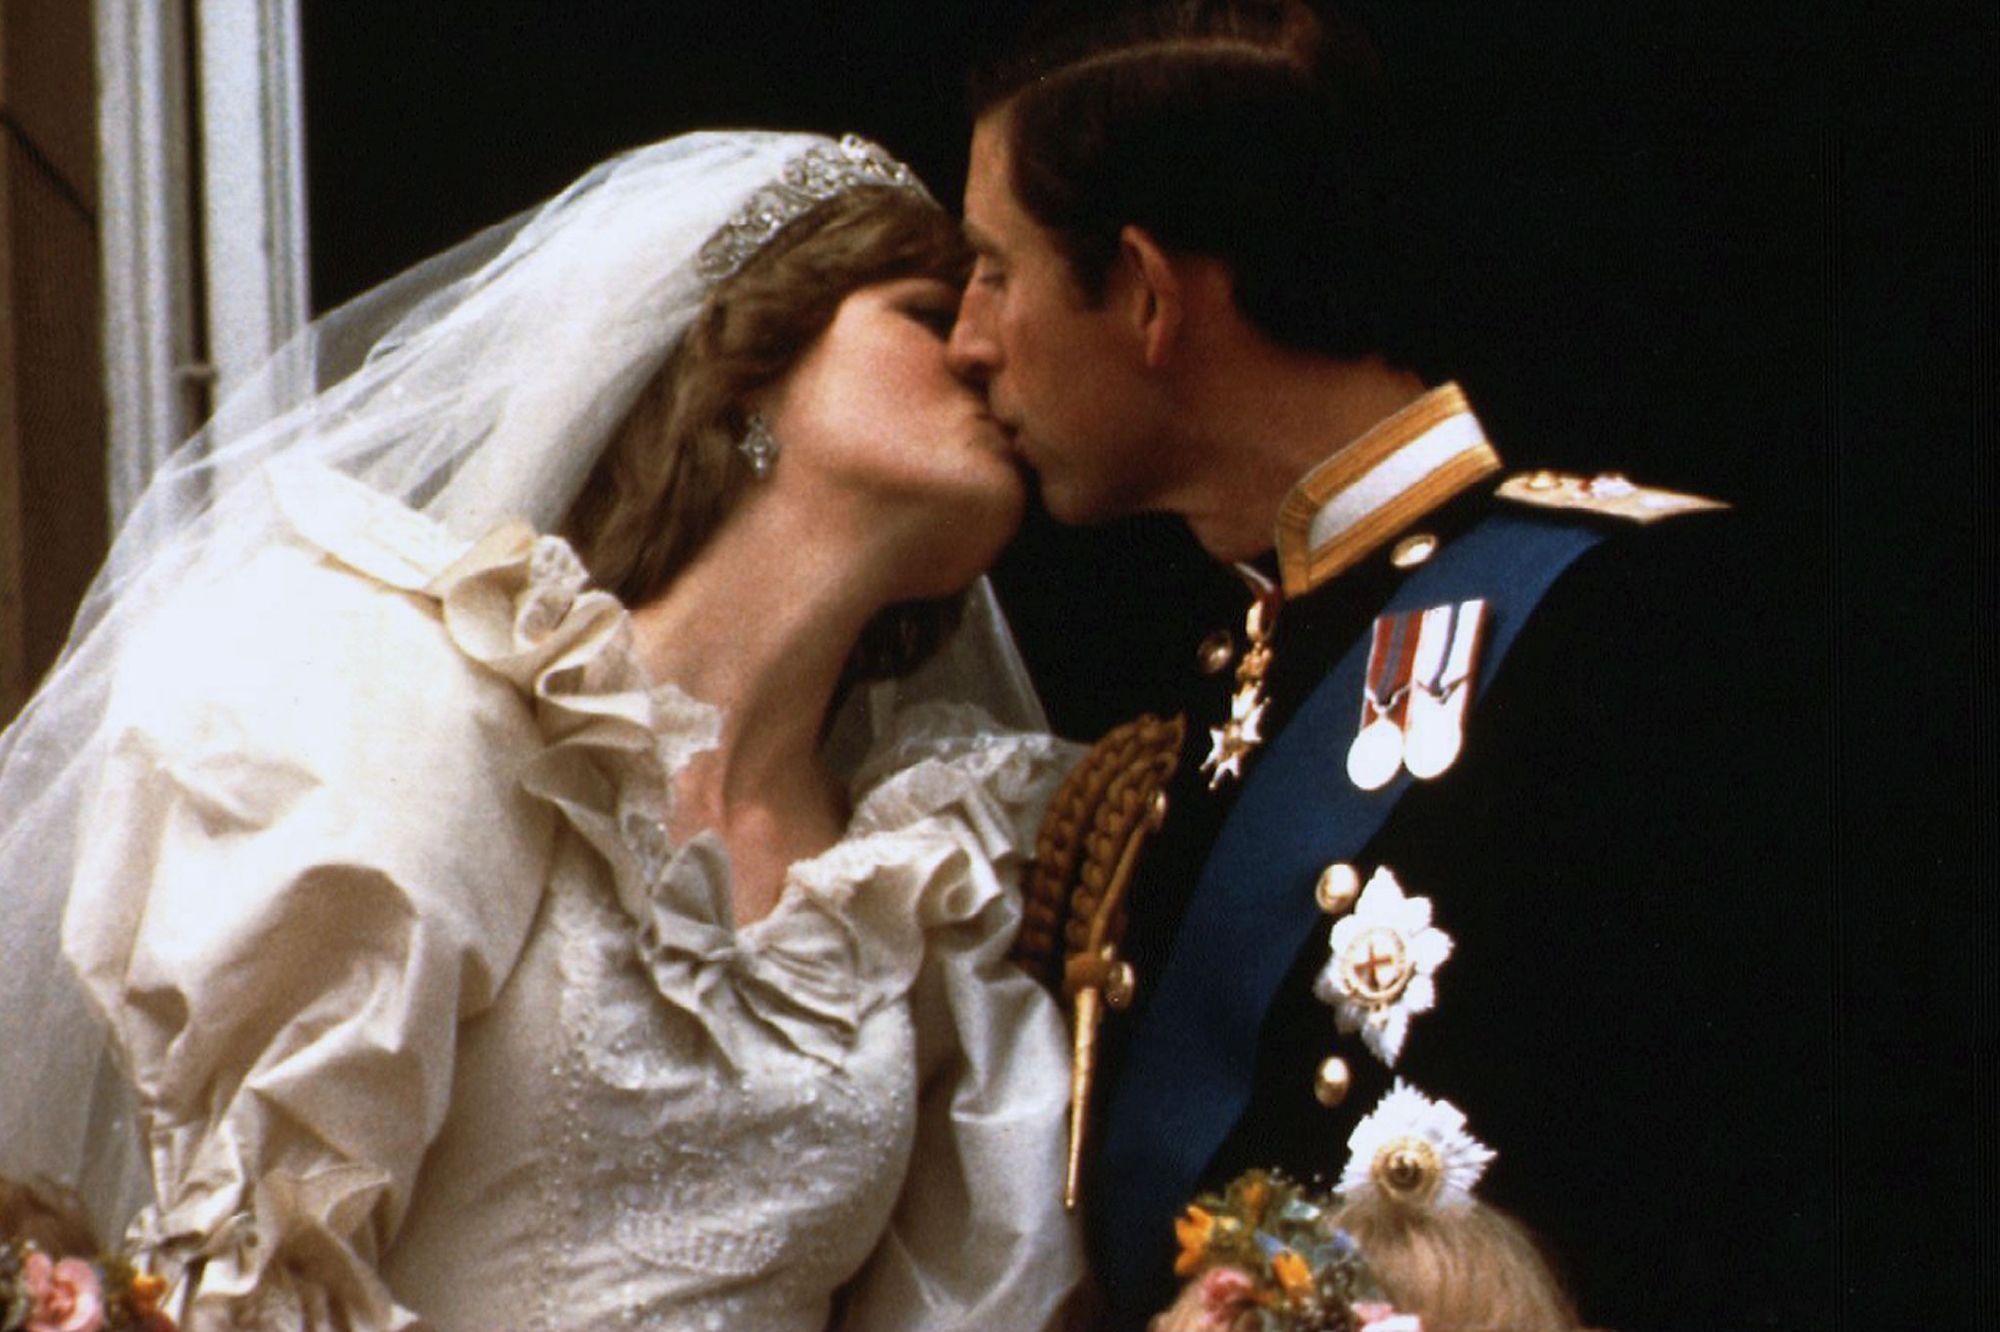 mariage ne datant pas 360kpop sites de rencontres frais mensuels